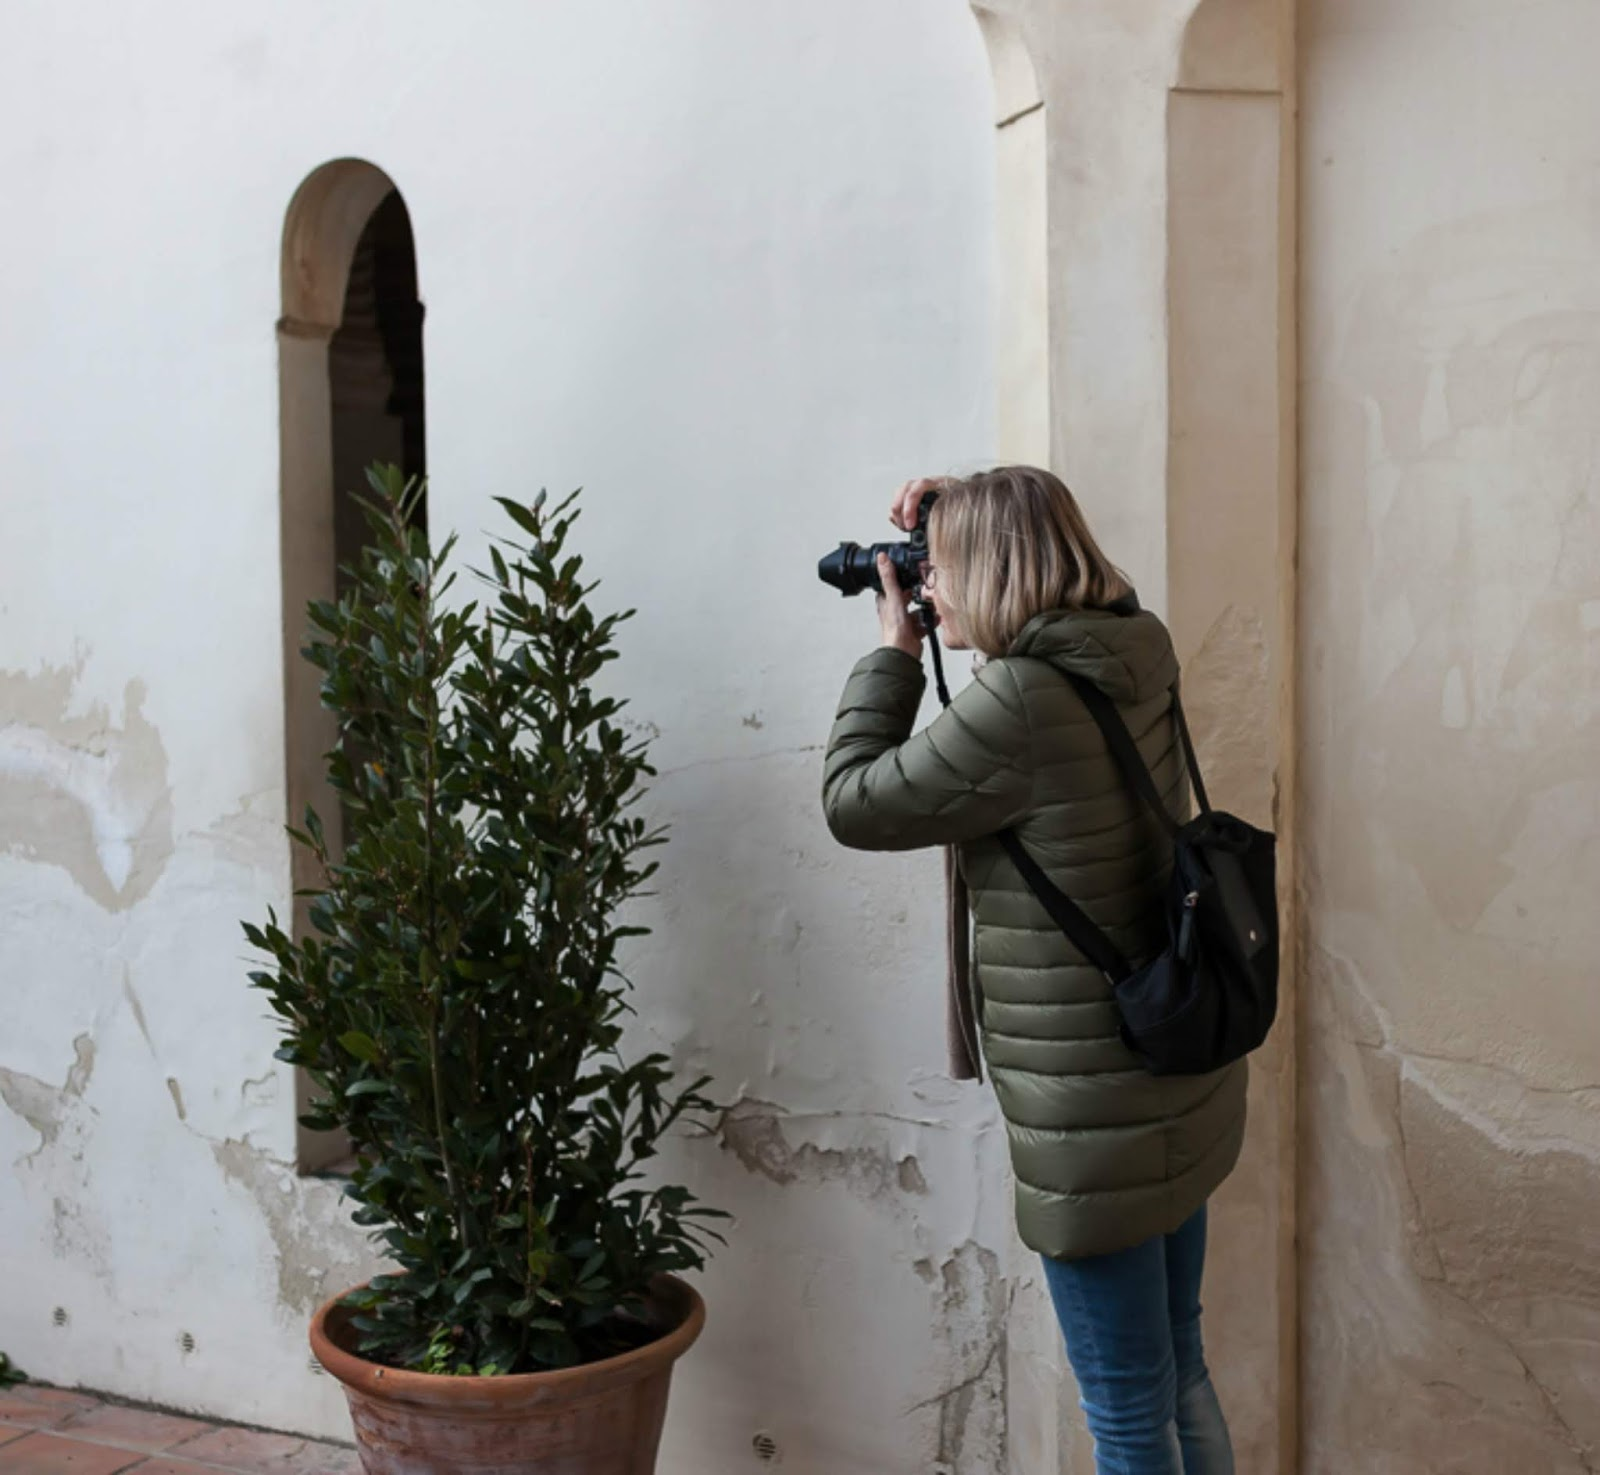 Malaga photo tour with Anu Viljakainen